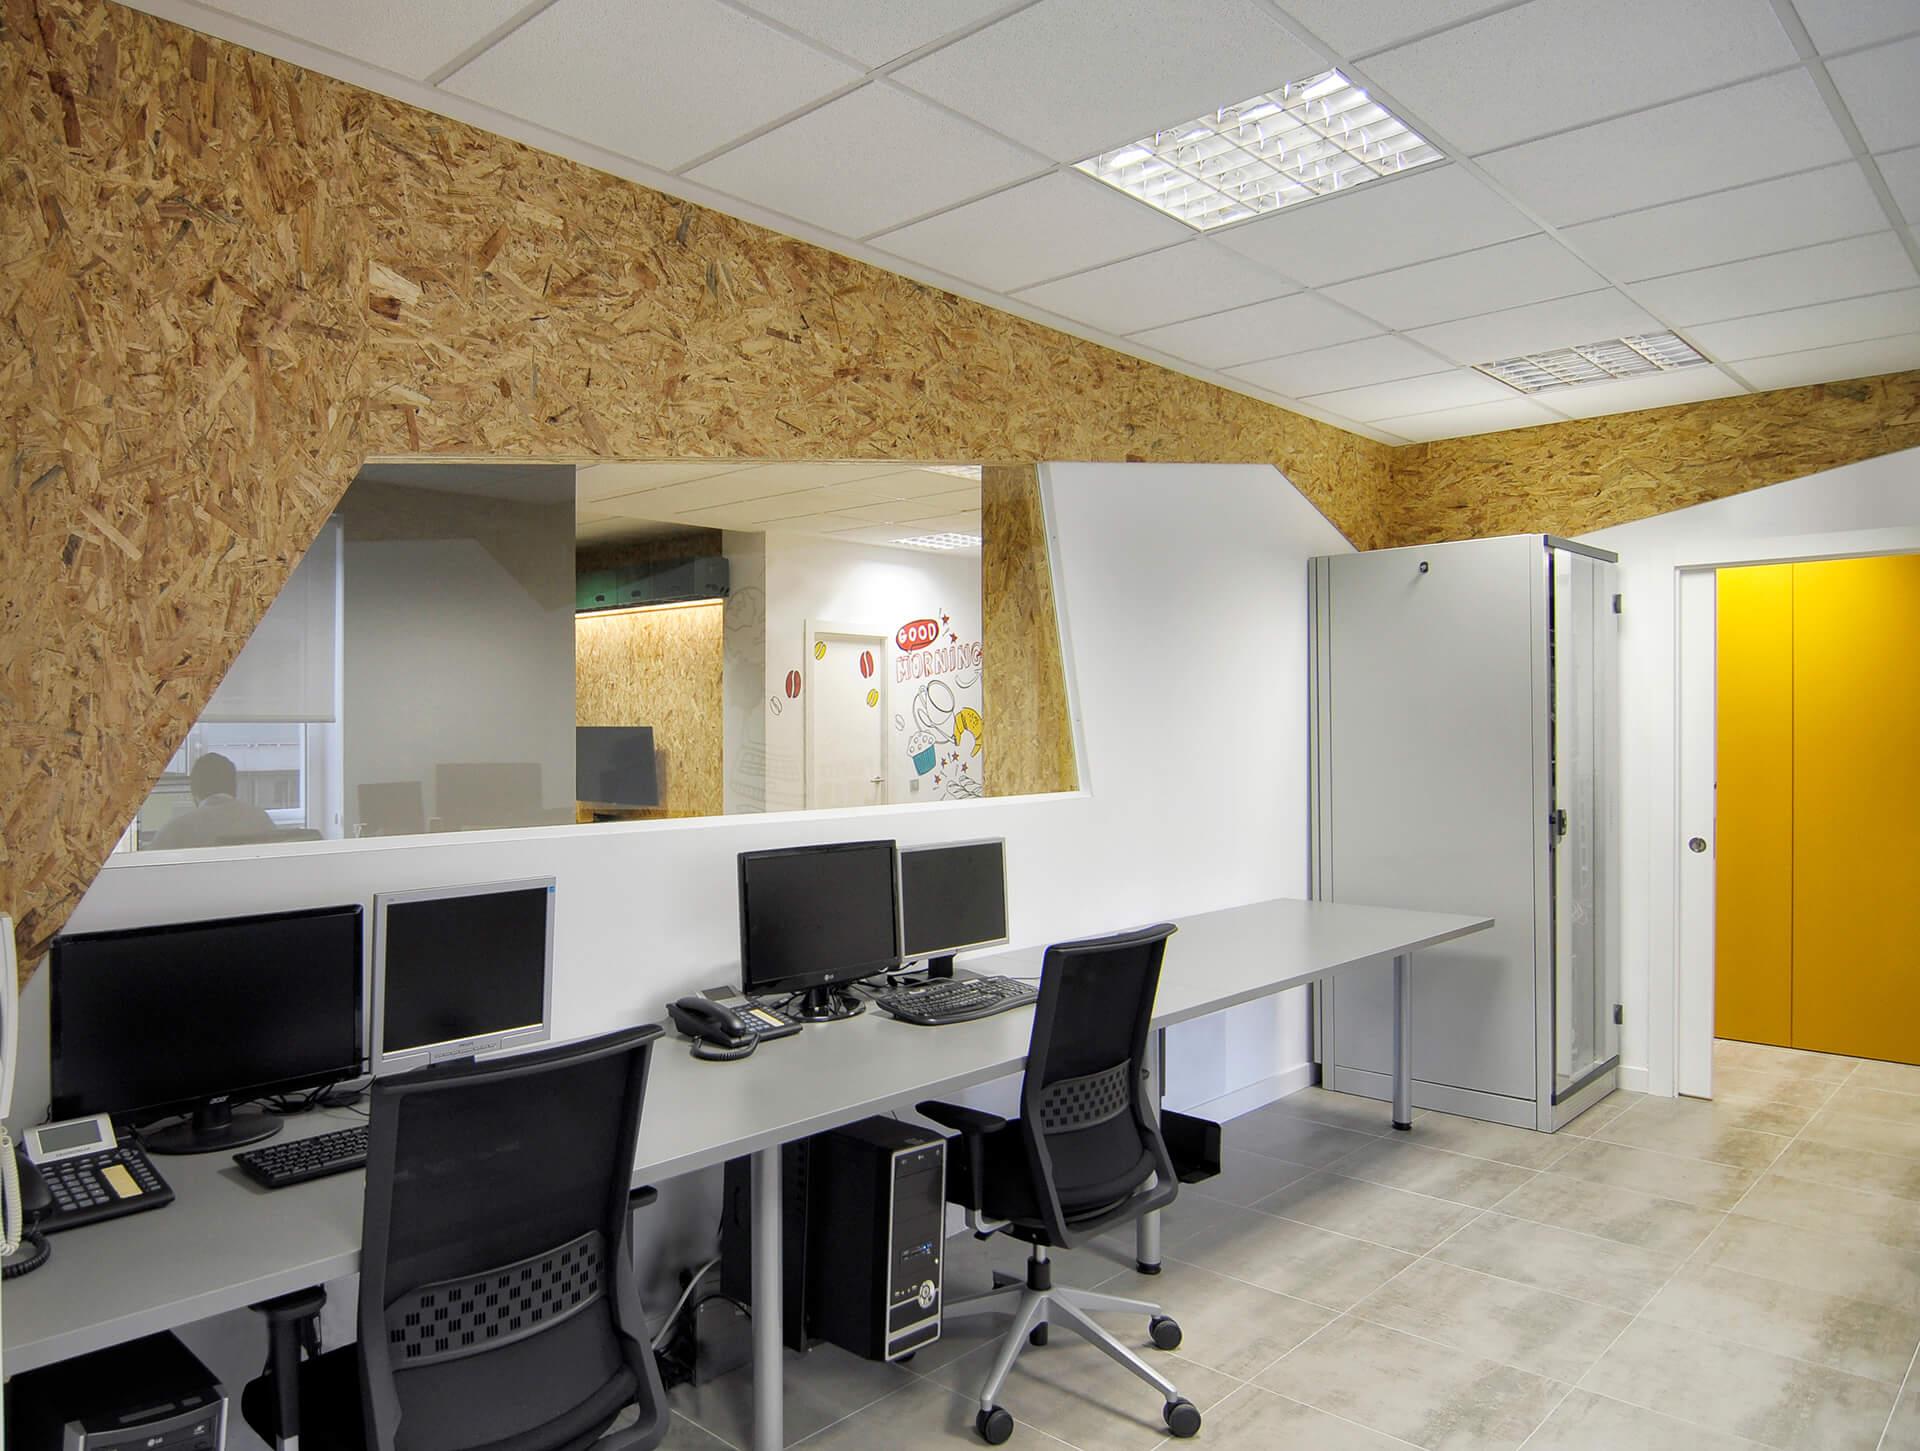 PC_COM Oficinas | Carpintería Mabima, Alicante